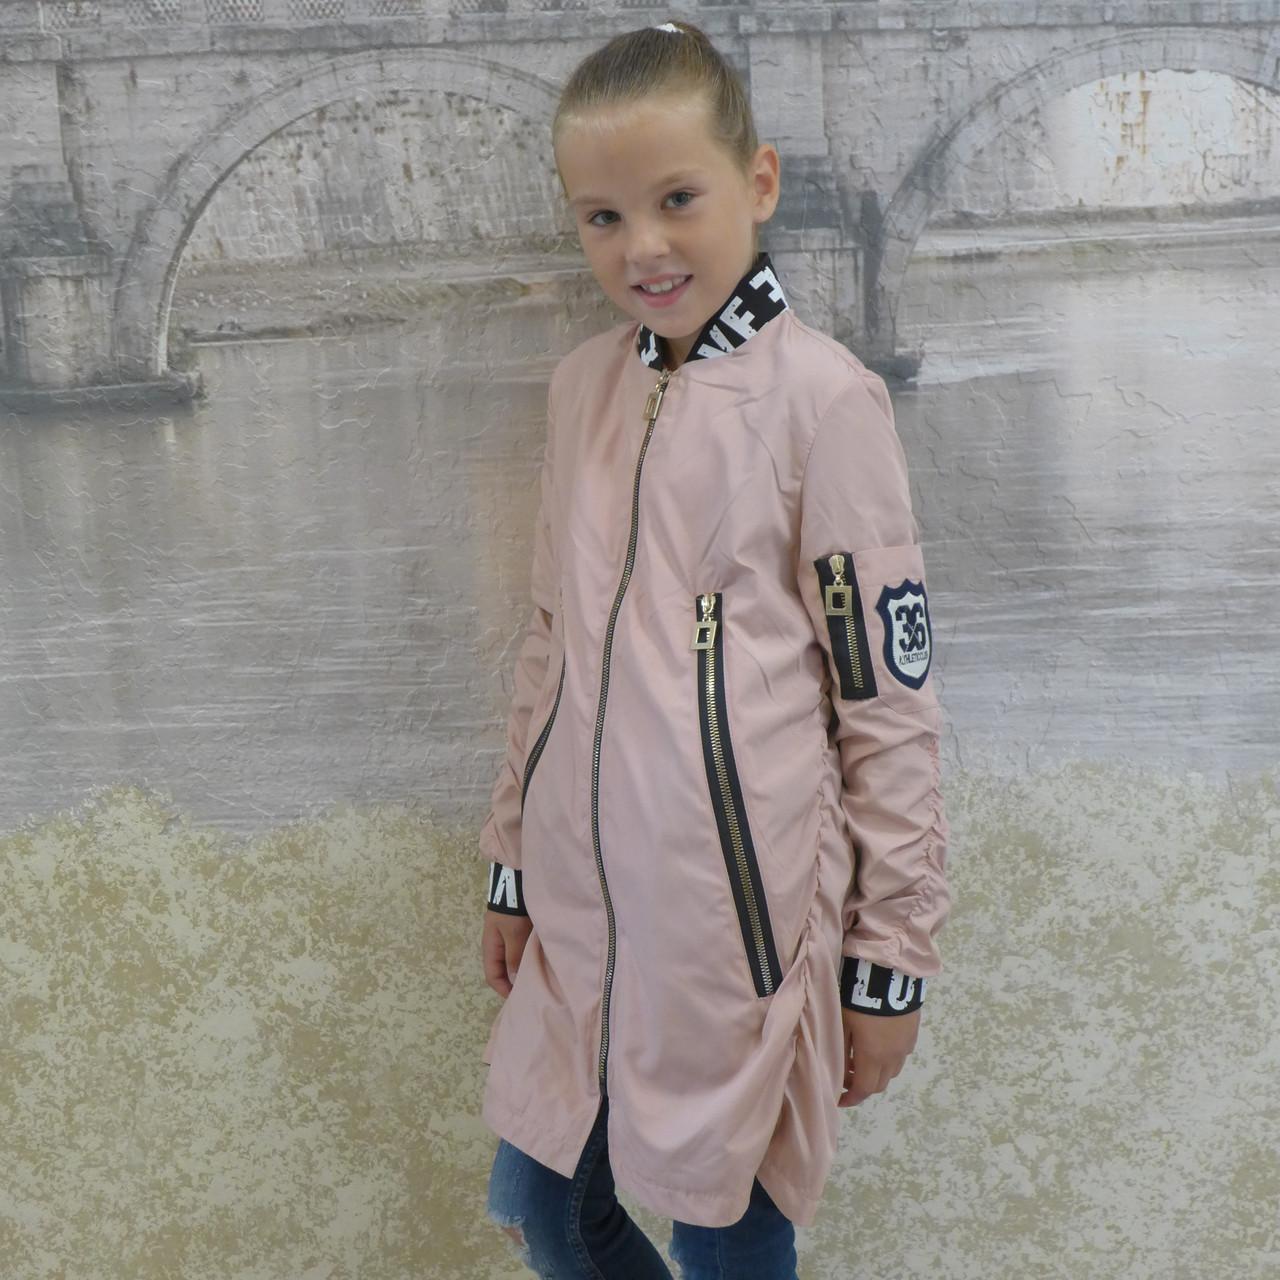 1702bb3015d4 Детская одежда Плащ-Змейка (пудра)  продажа, цена в Одессе. верхняя ...